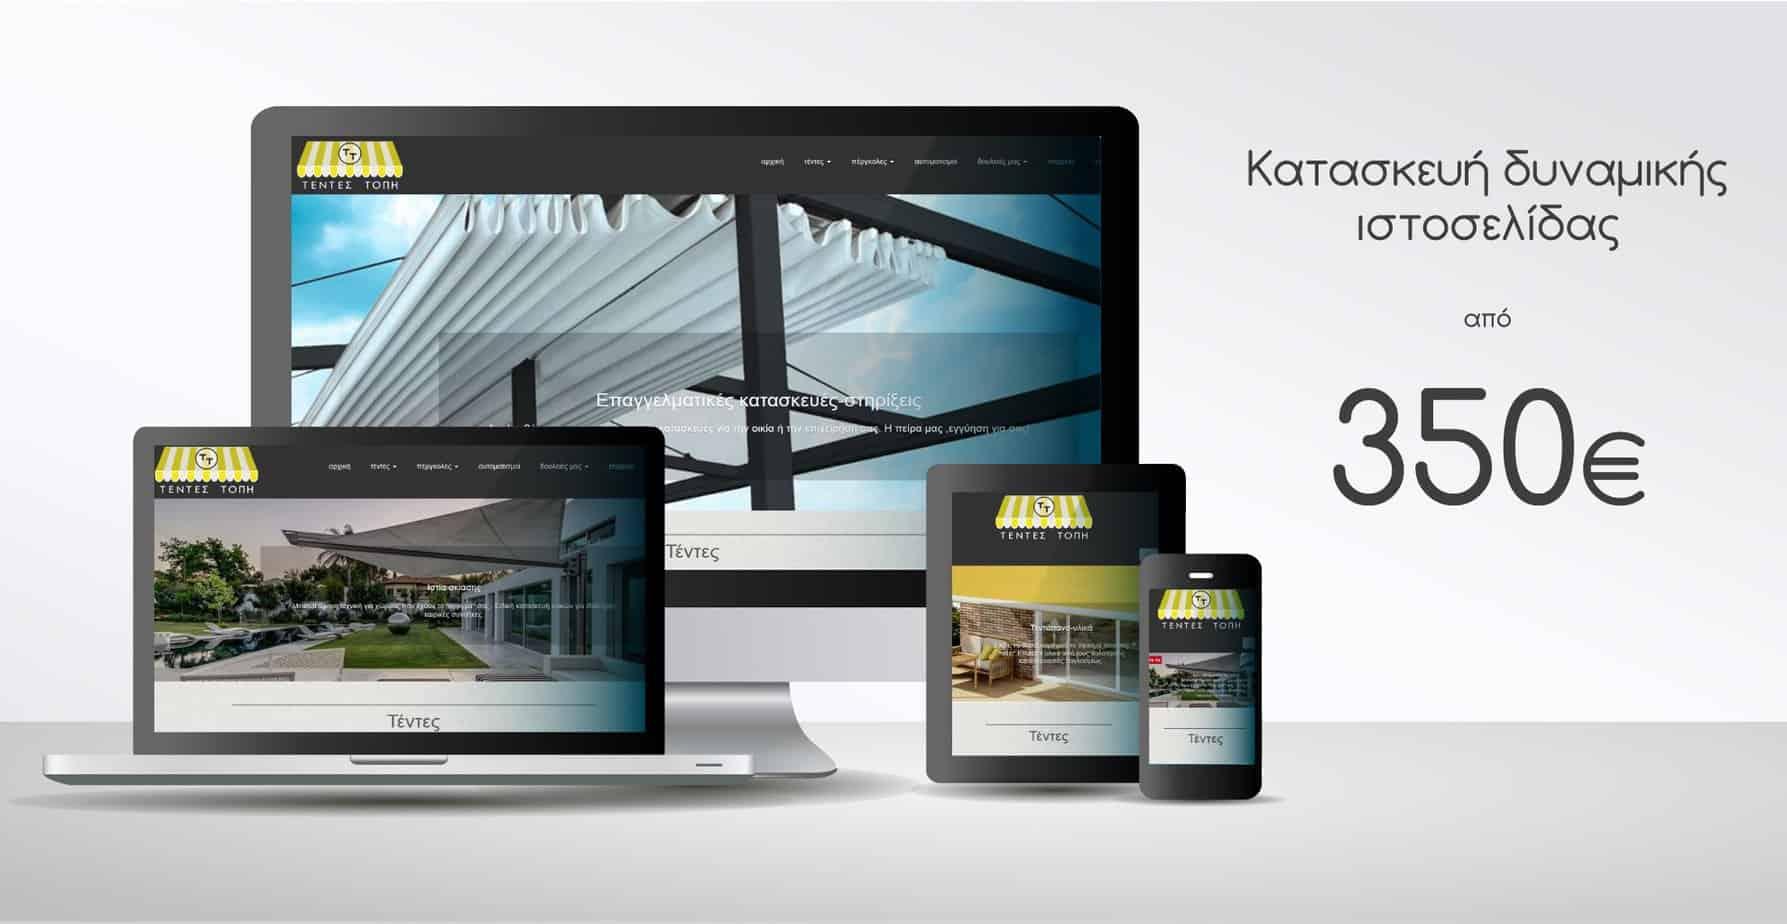 κατασκευή ιστοσελίδων kataskeui-sitoselidas